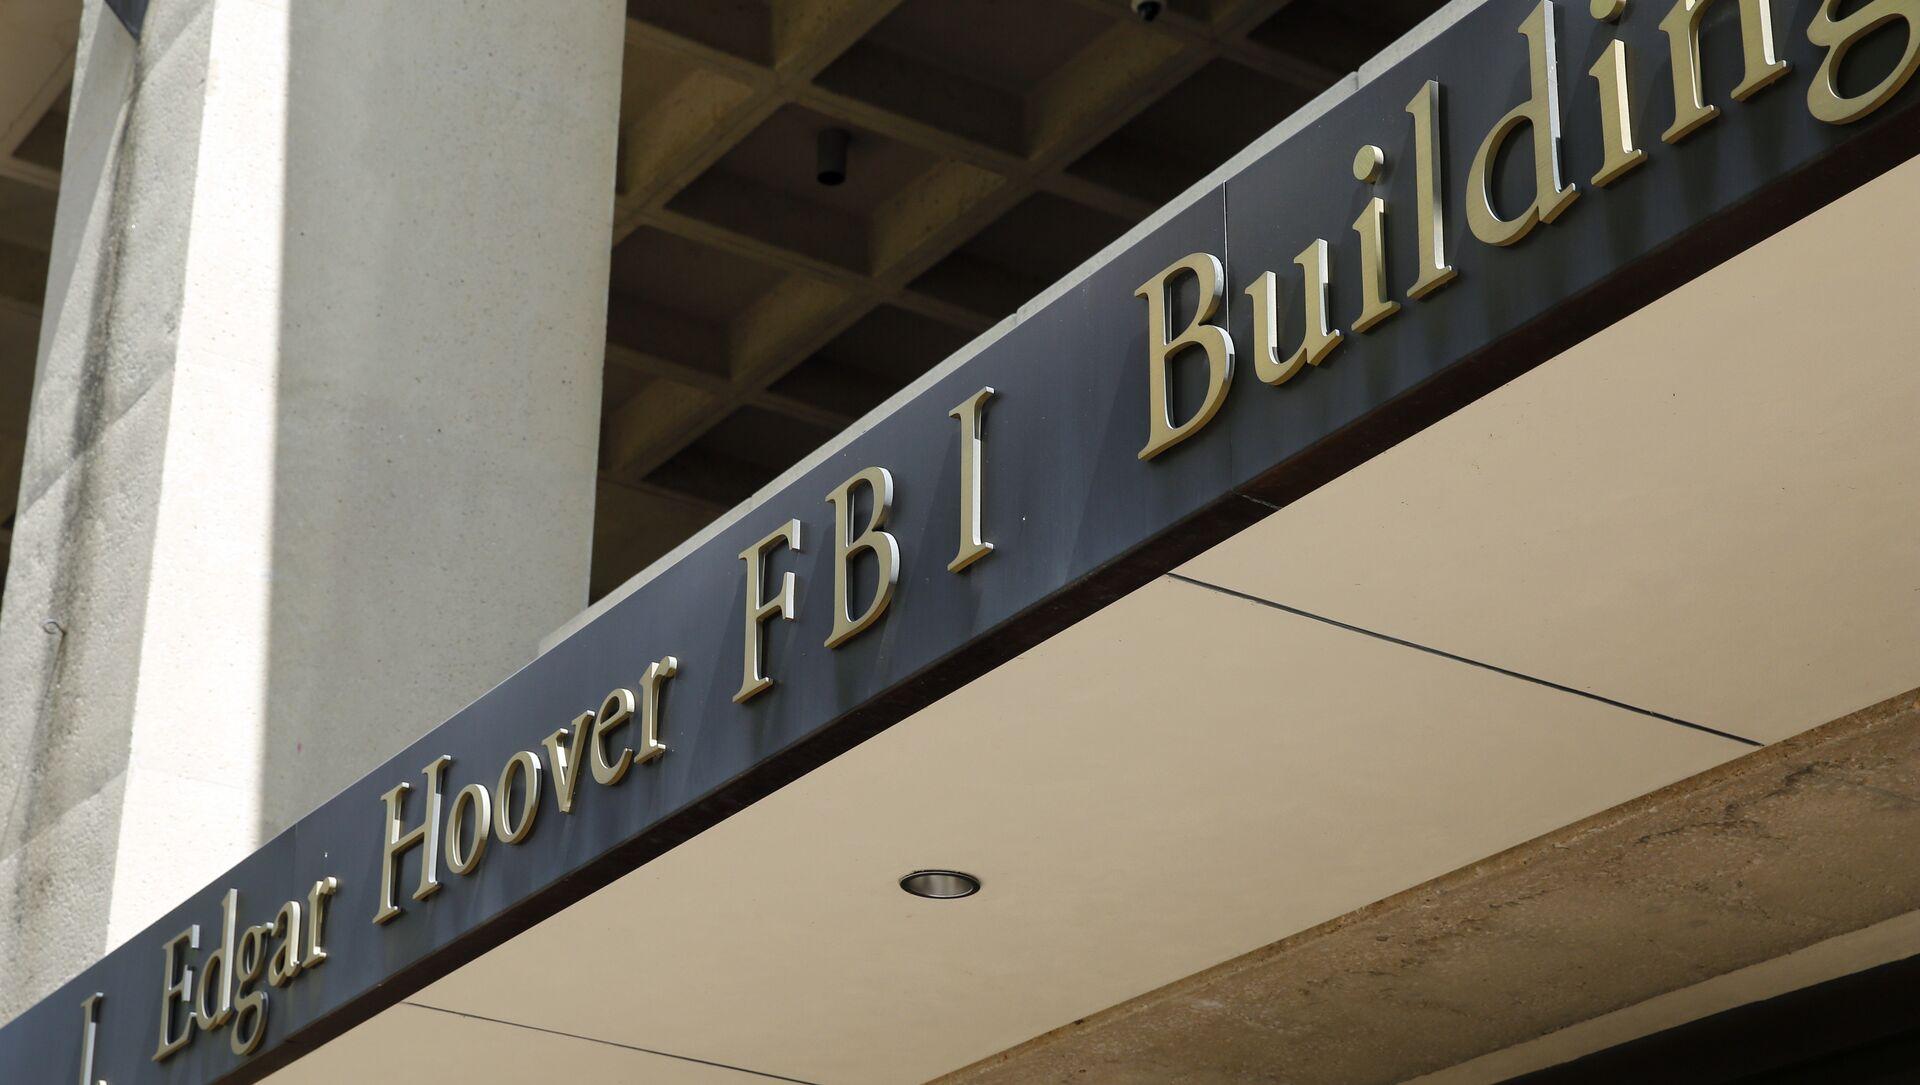 The FBI headquarters building in Washington, DC. - Sputnik Türkiye, 1920, 03.08.2021